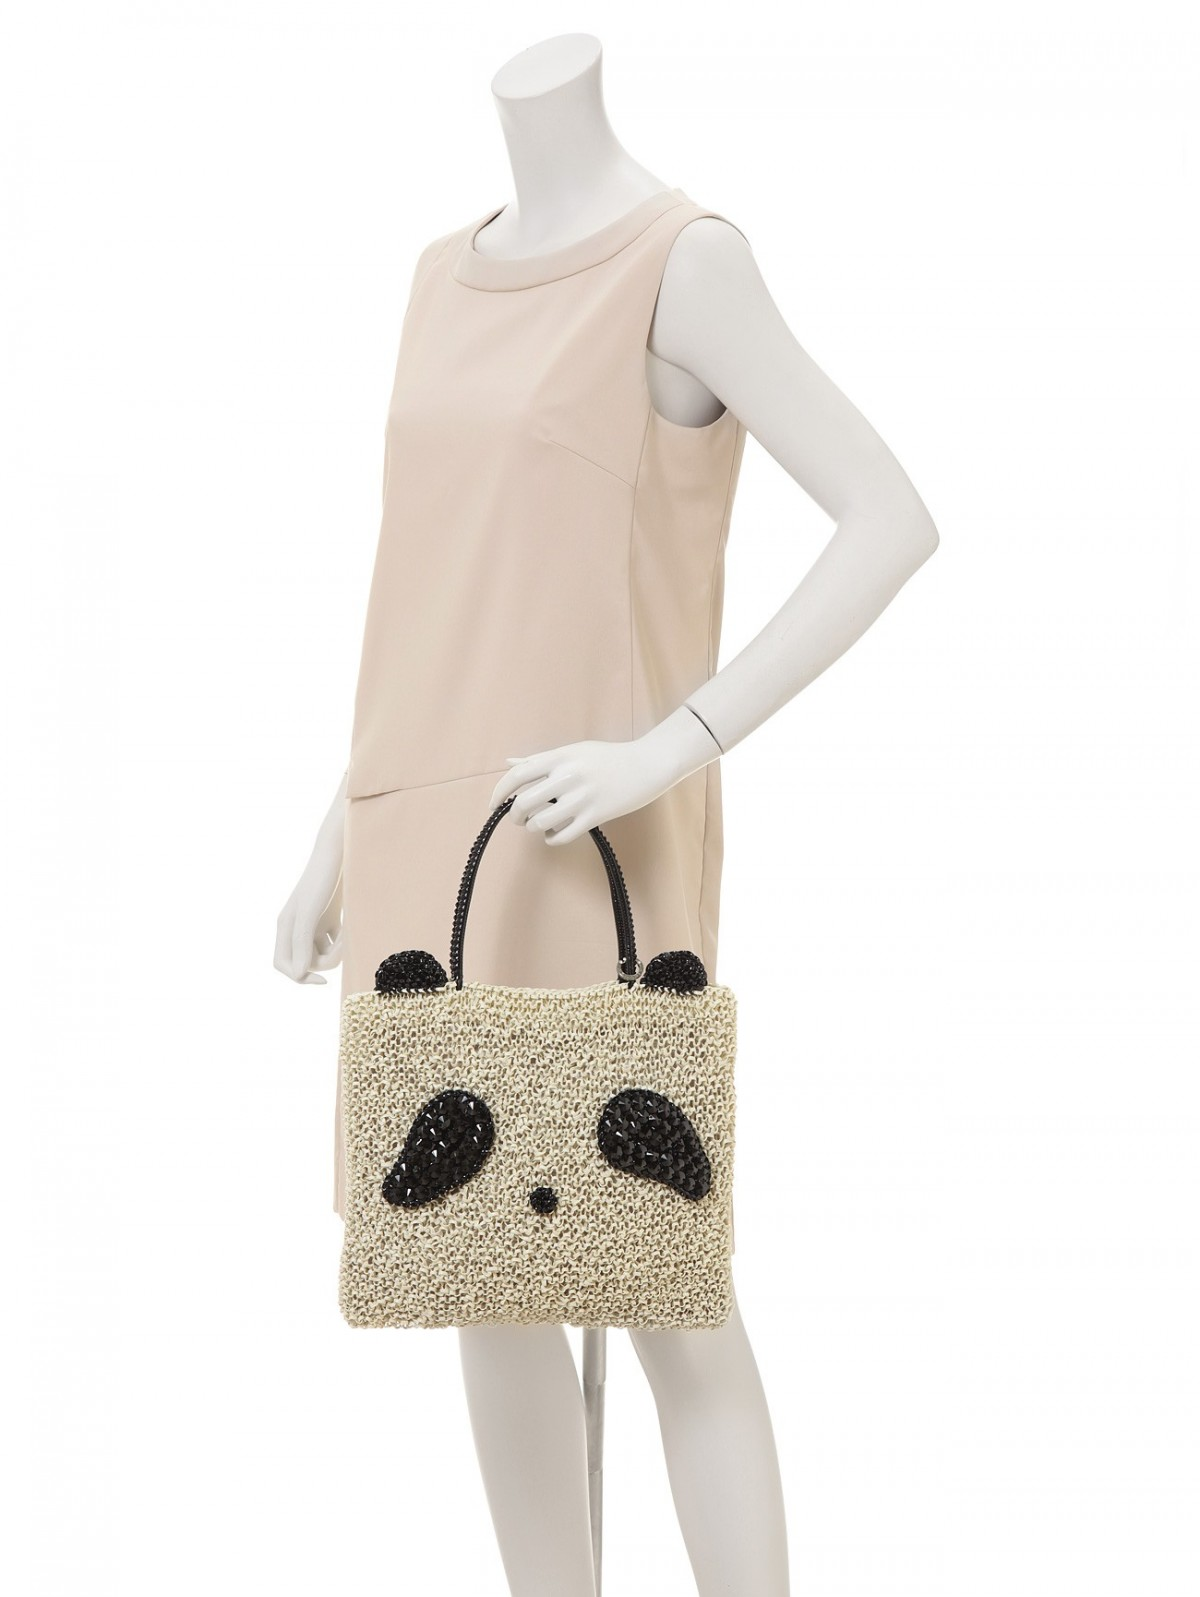 Classy Panda Bag